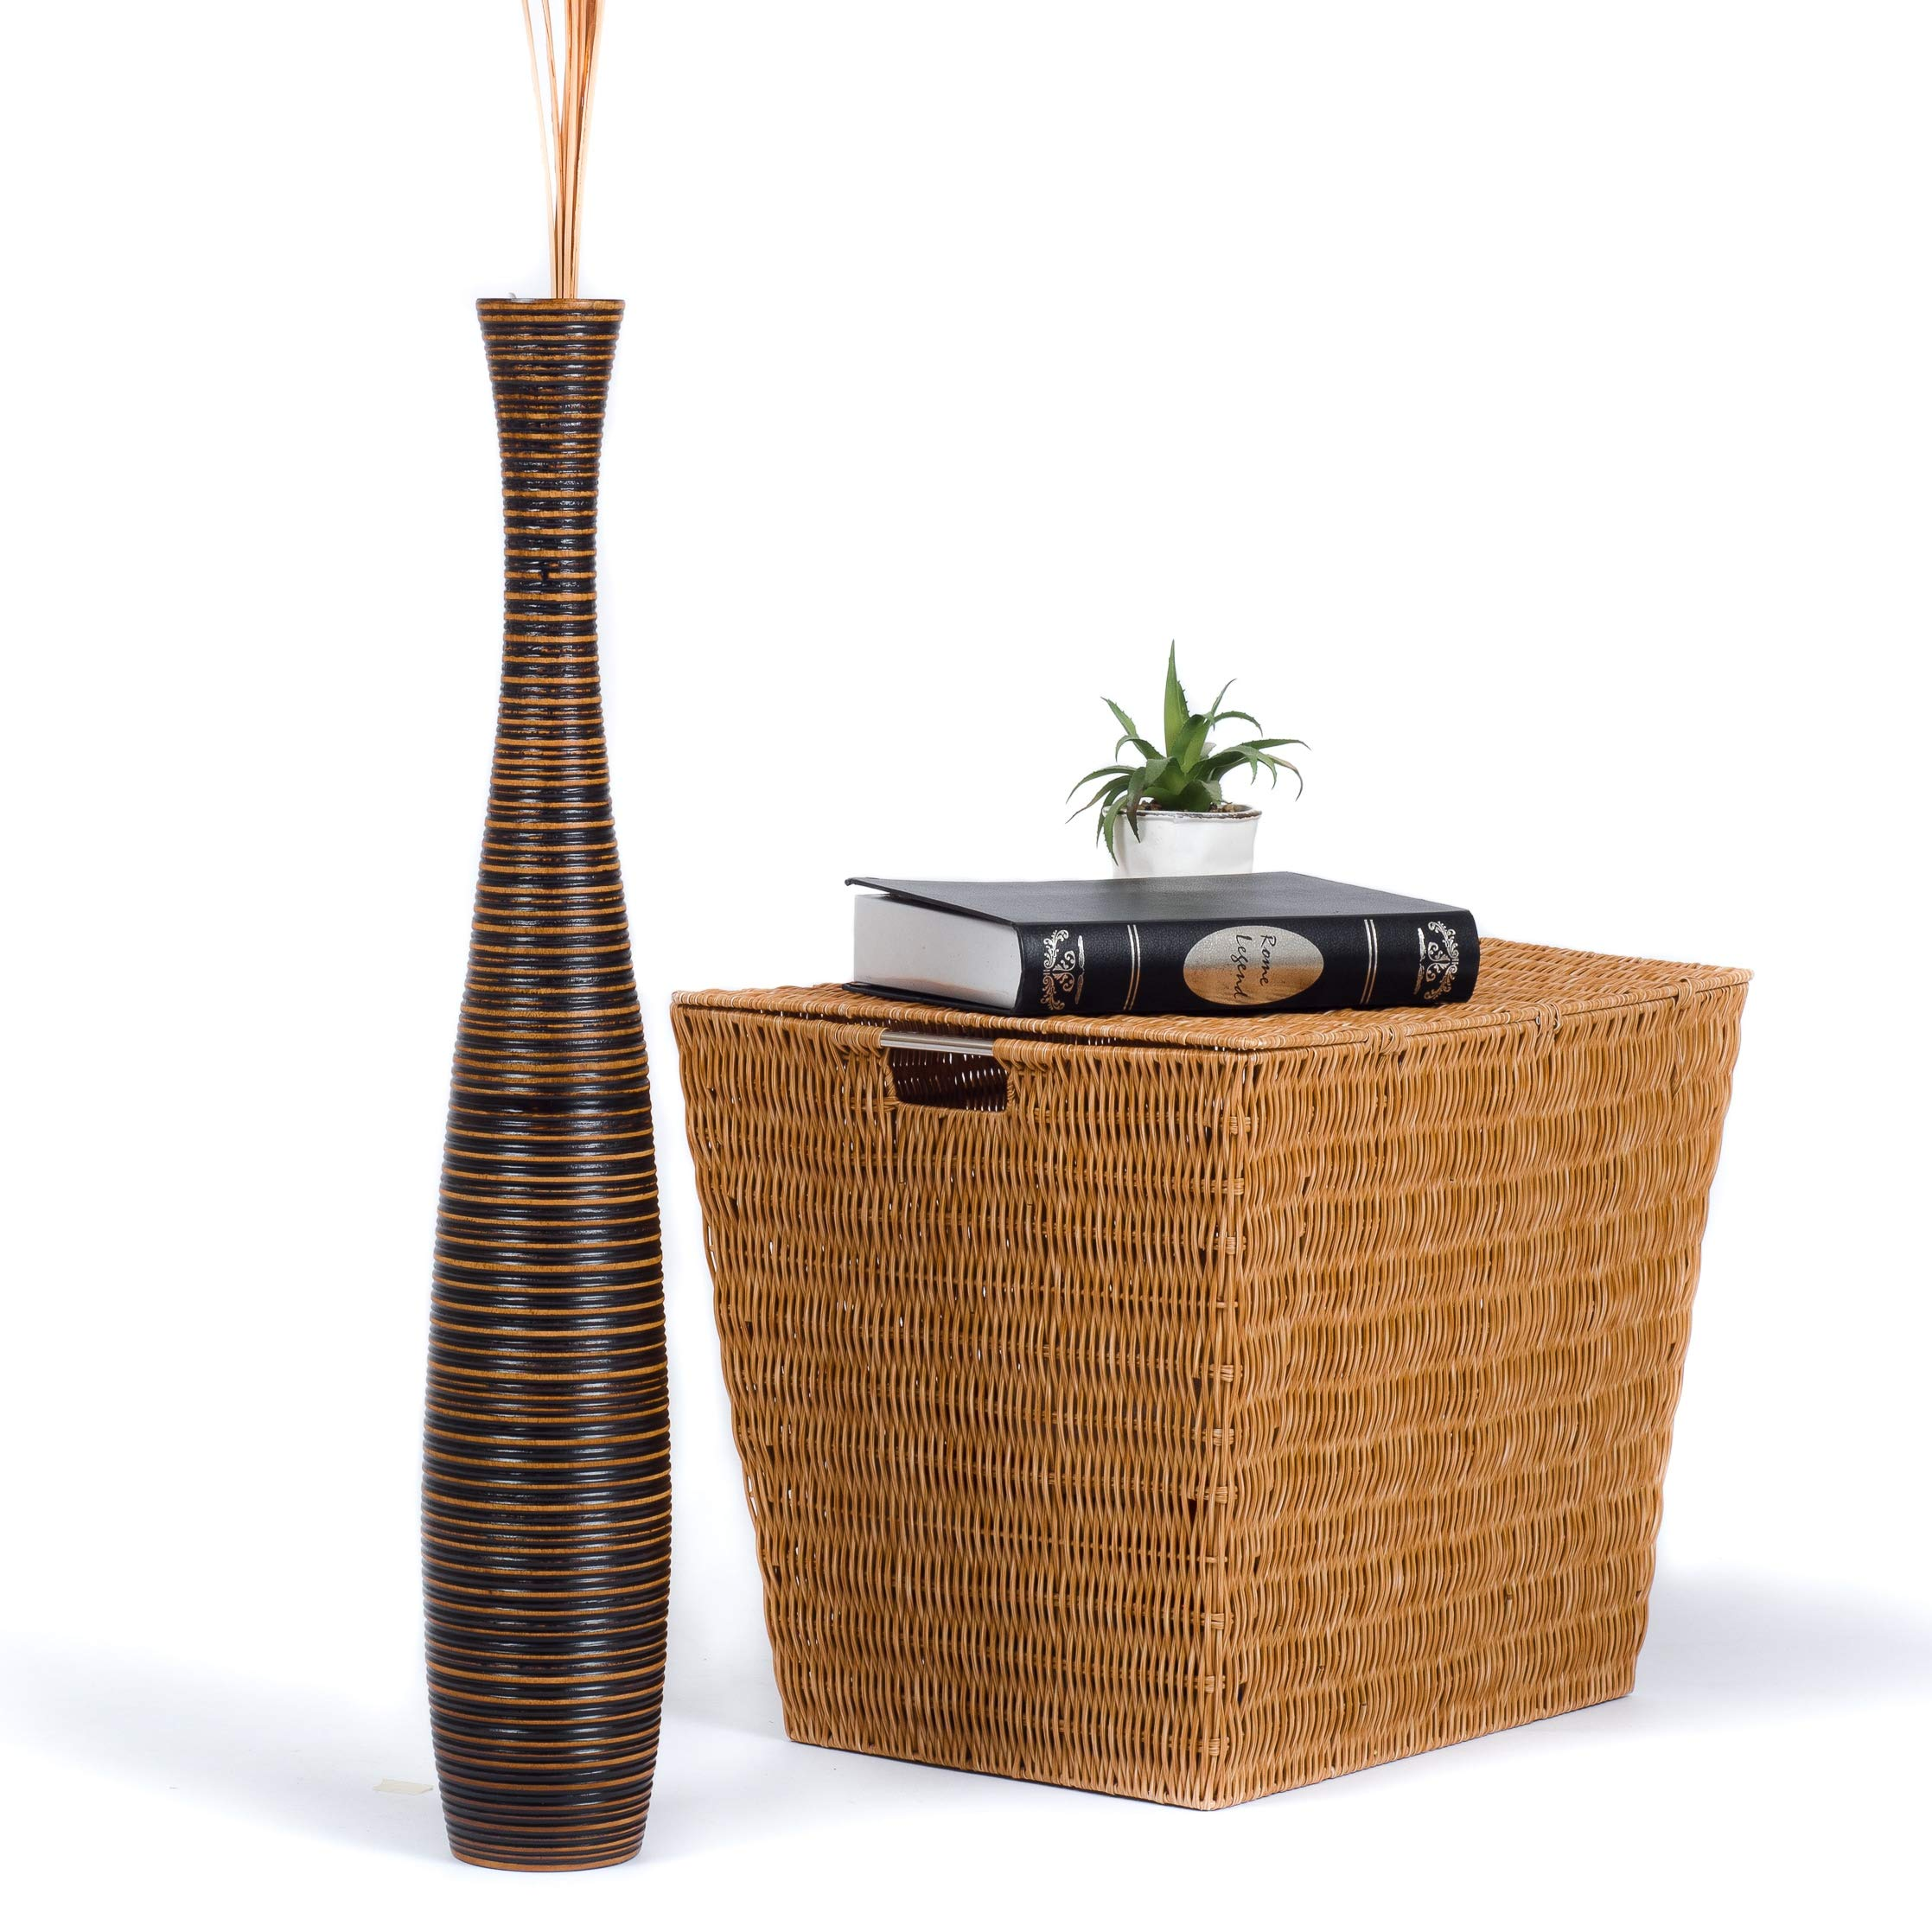 Leewadee Tall Floor Vase 5x30 Inches Holz Braun